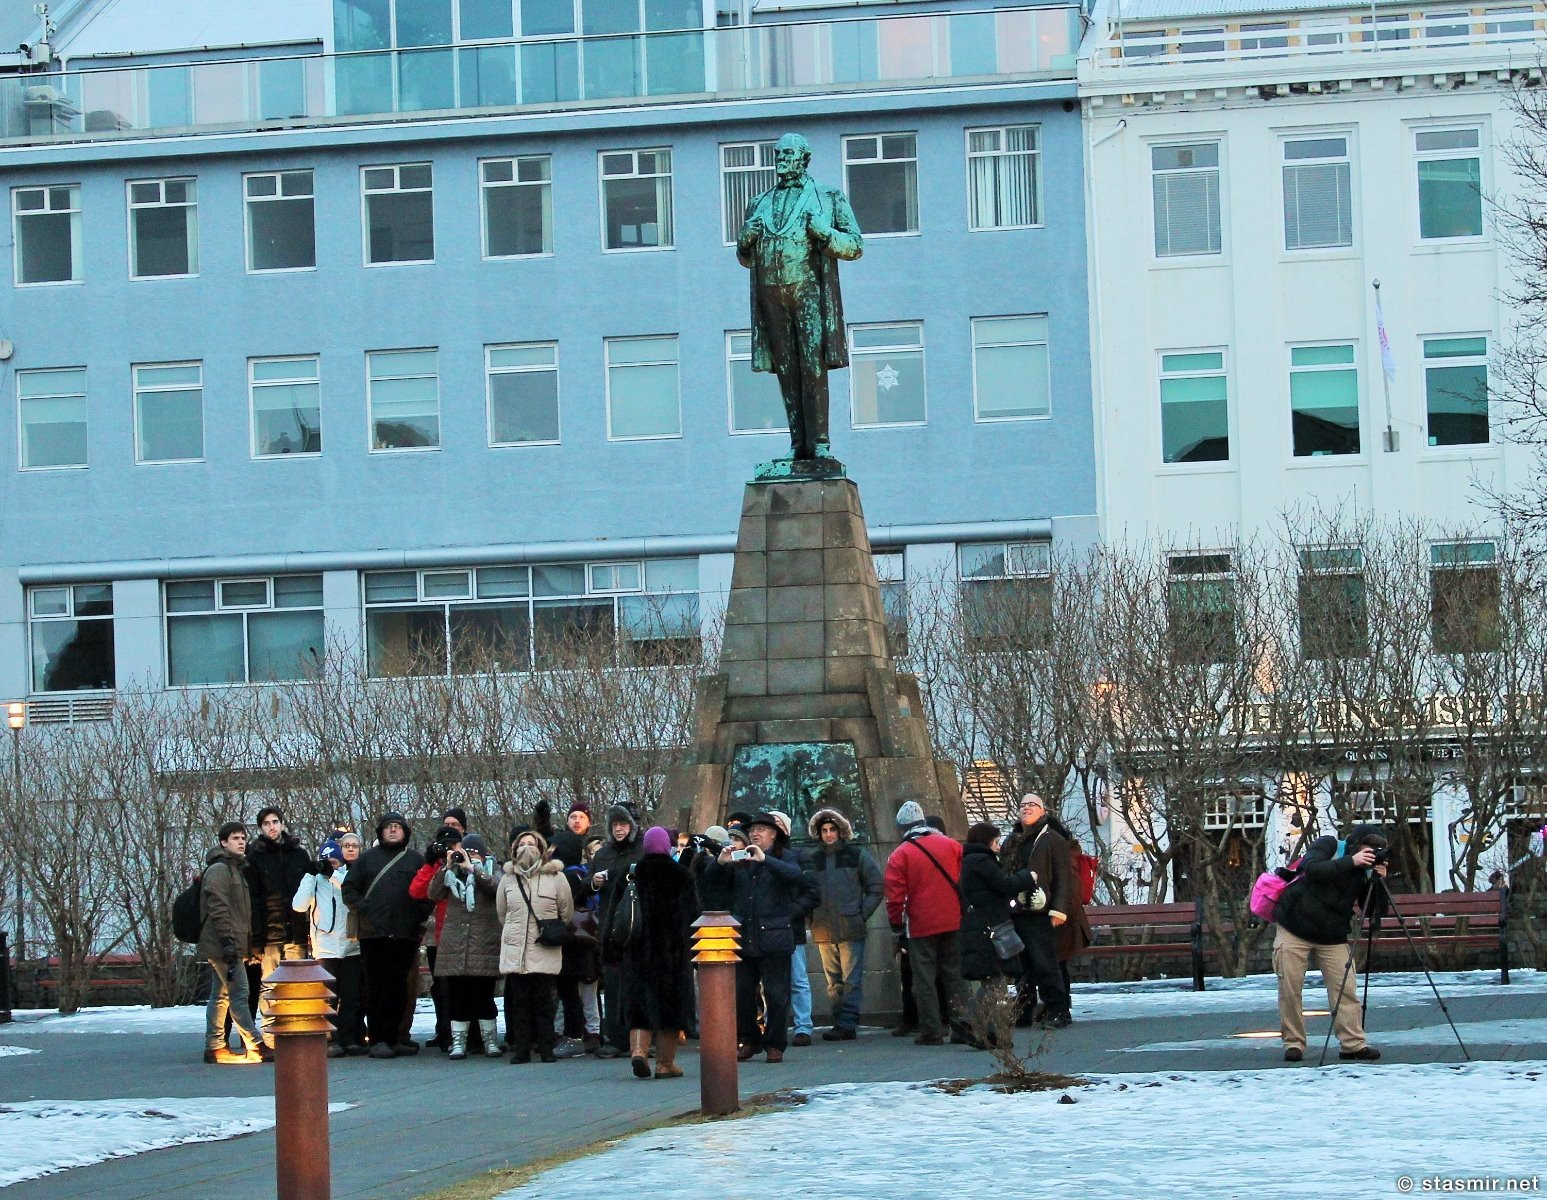 Jón Sigurðsson - герой борьбы за независимость Исландии, скульптура на площади Эёстюрвёдлюр, Рейкьявик, Фото Стасмир, photo Stasmir